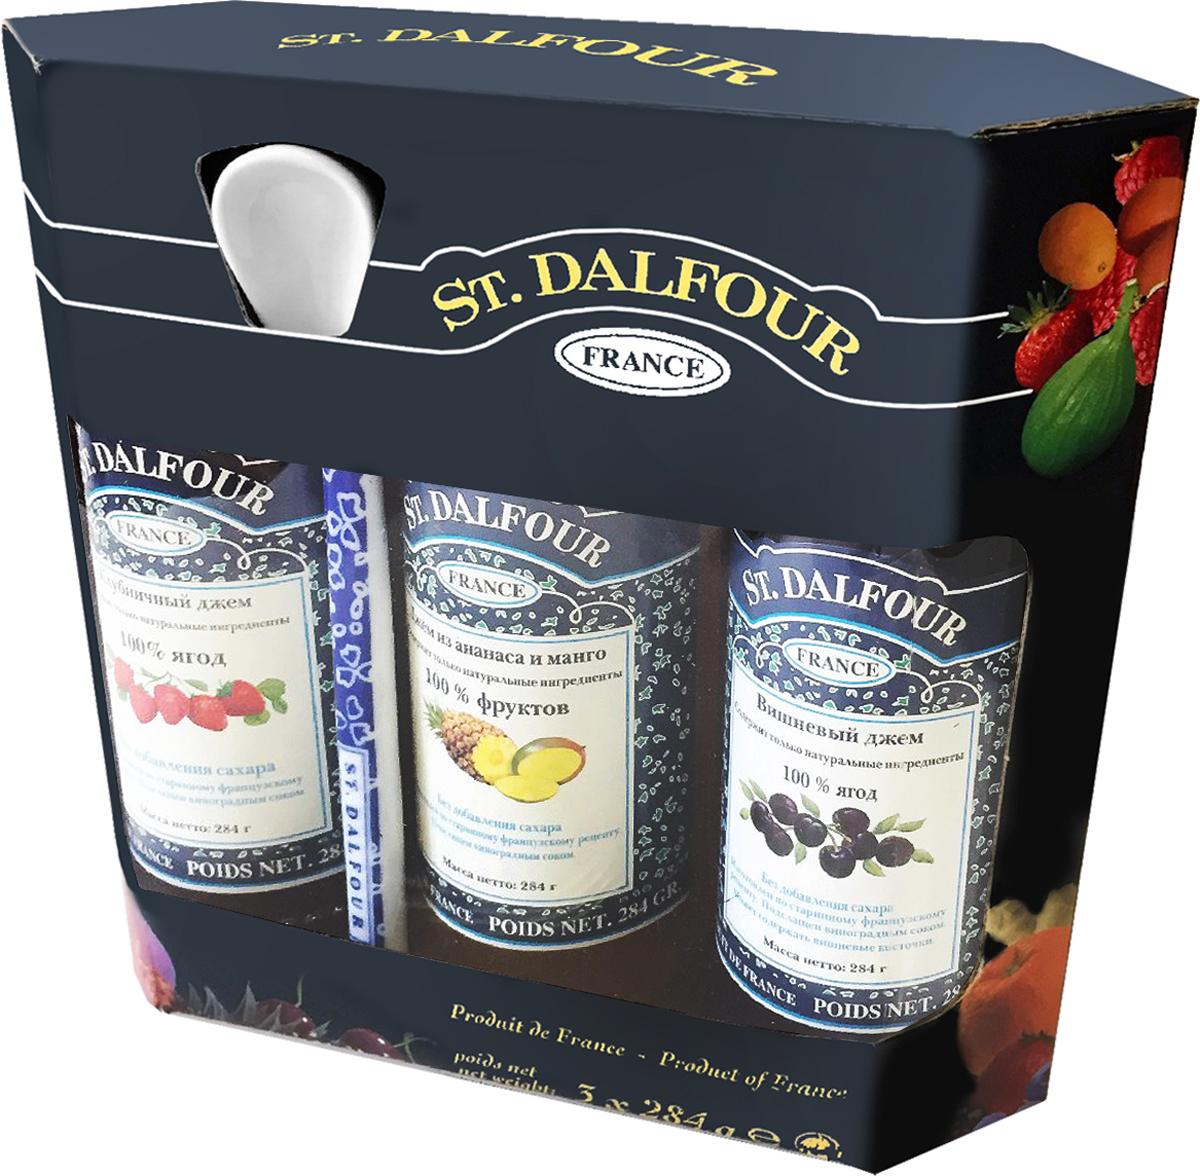 St. Dalfour подарочный набор 3 джема клубника, ананас и манго, вишня, 852 г